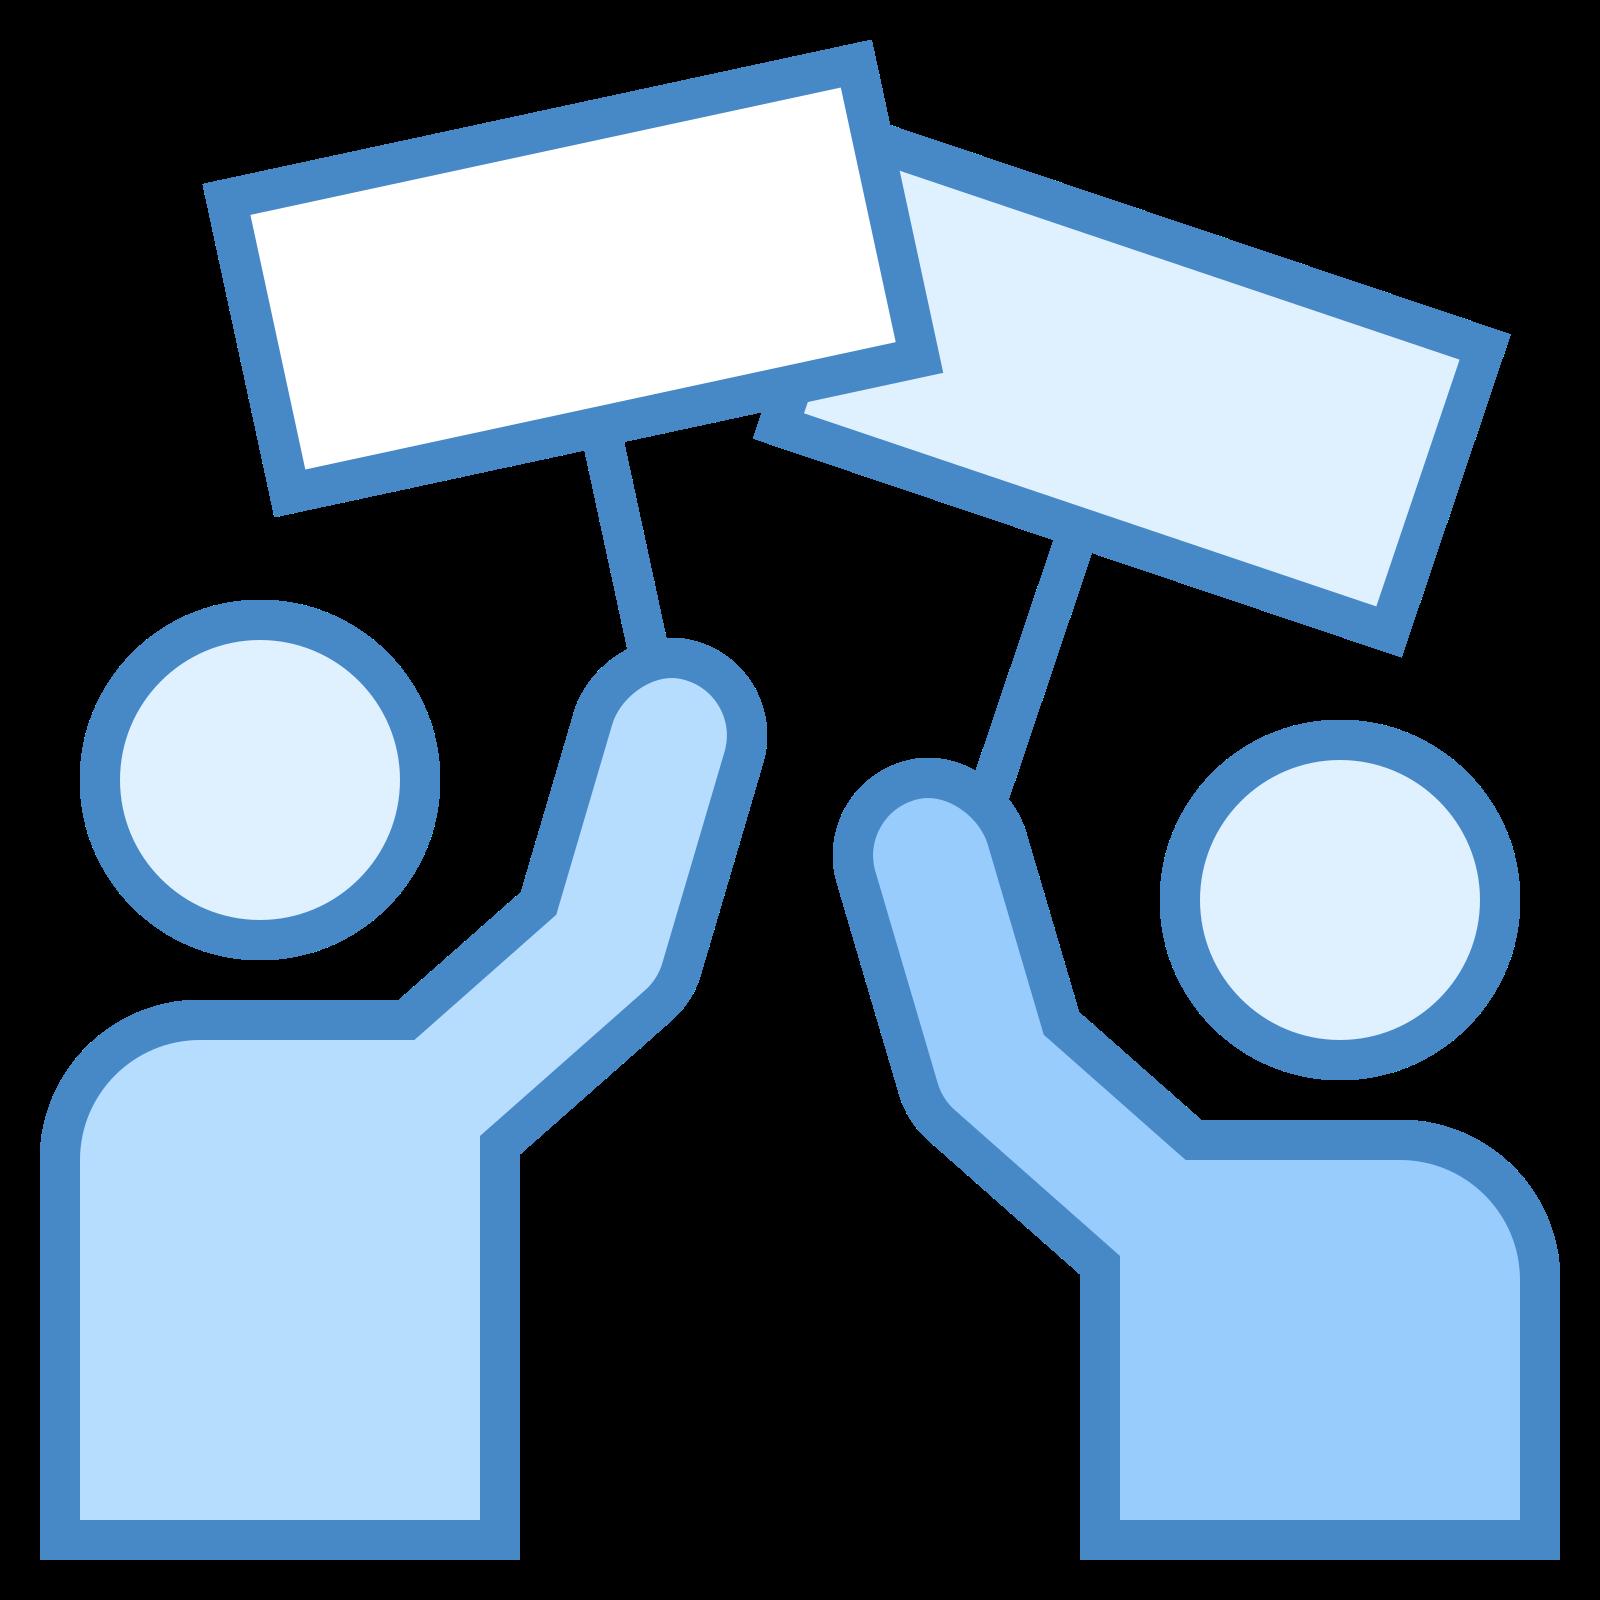 罢工 icon. Its a logo of two generic people figures holding blank signs over their heads. It the people have no faces or details and are only a silhouette. The signs are blank rectangles one per person held up by a stick.